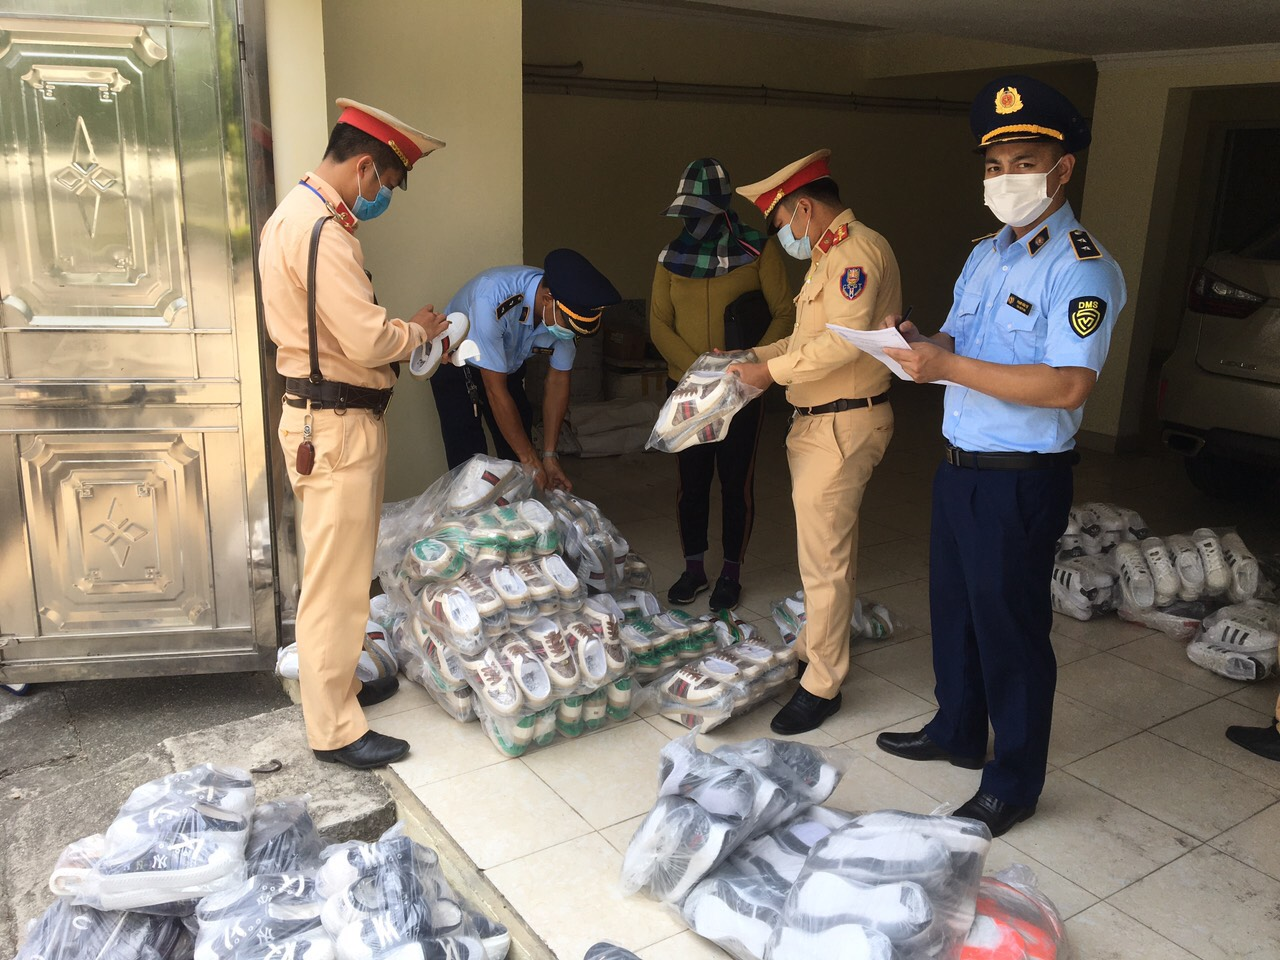 Quảng Ninh: Phát hiện hàng trăm sản phẩm giày dép giả mạo nhãn hiệu